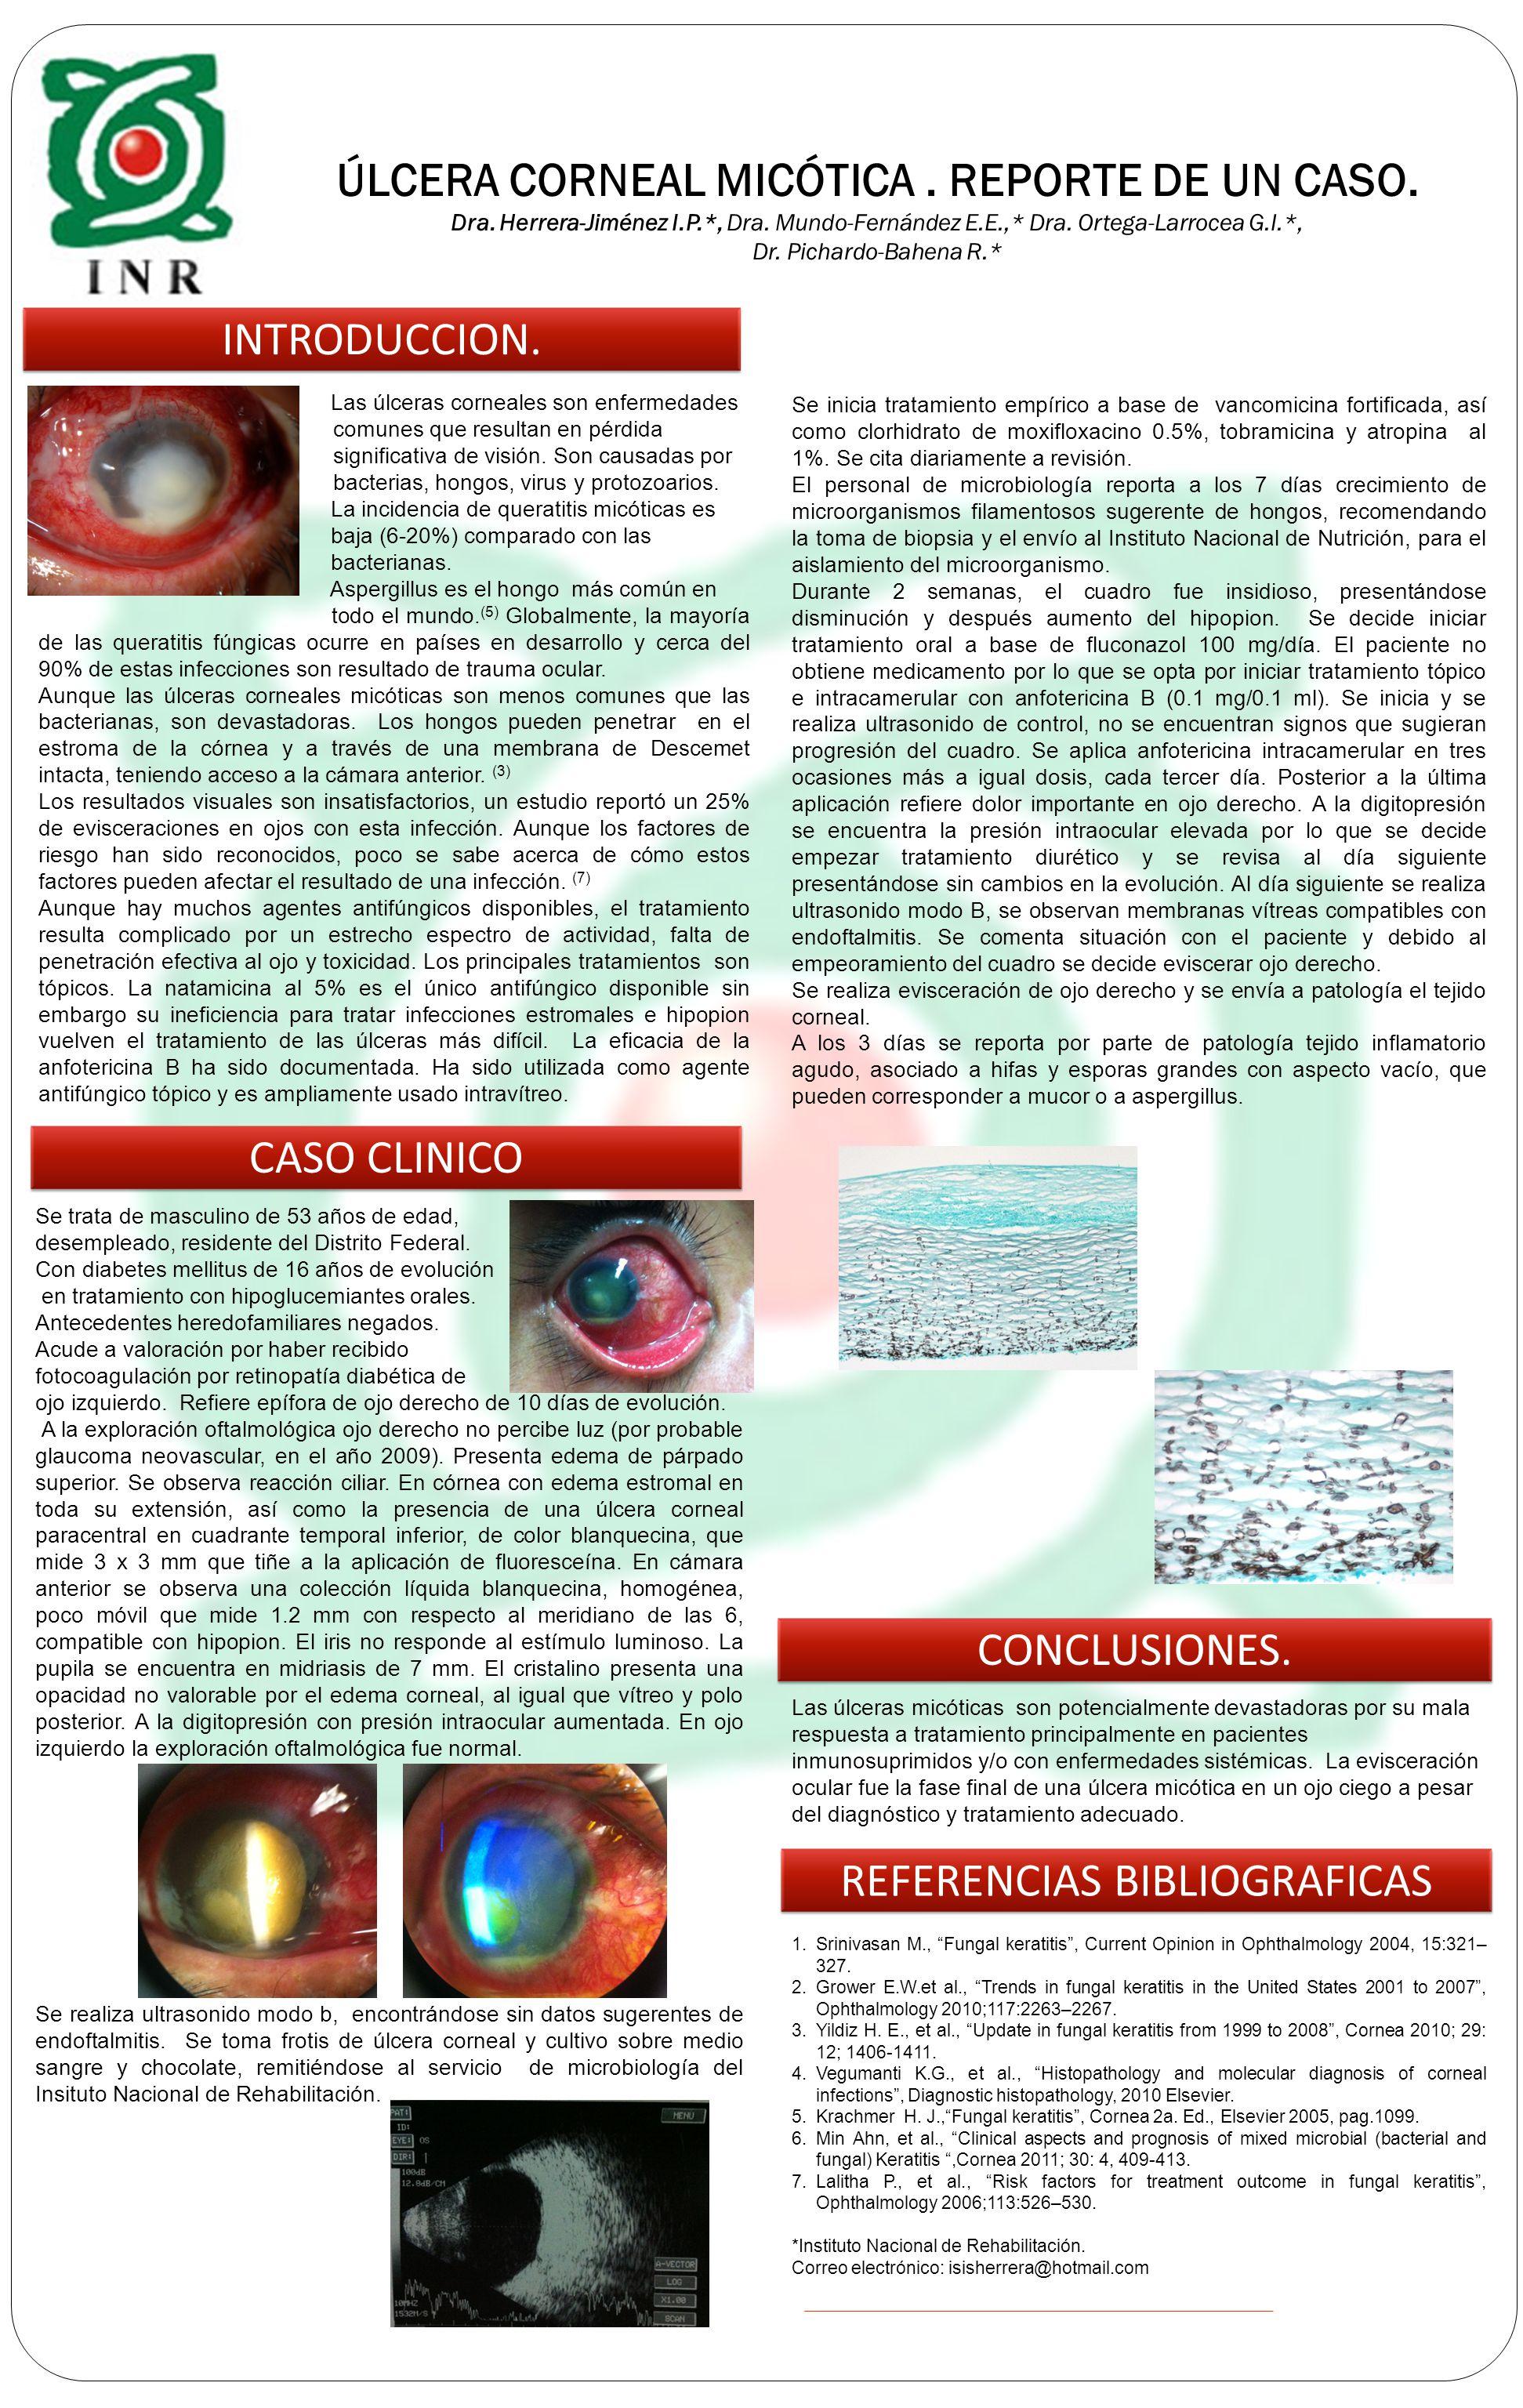 ÚLCERA CORNEAL MICÓTICA.REPORTE DE UN CASO. Dra. Herrera-Jiménez I.P.*, Dra.